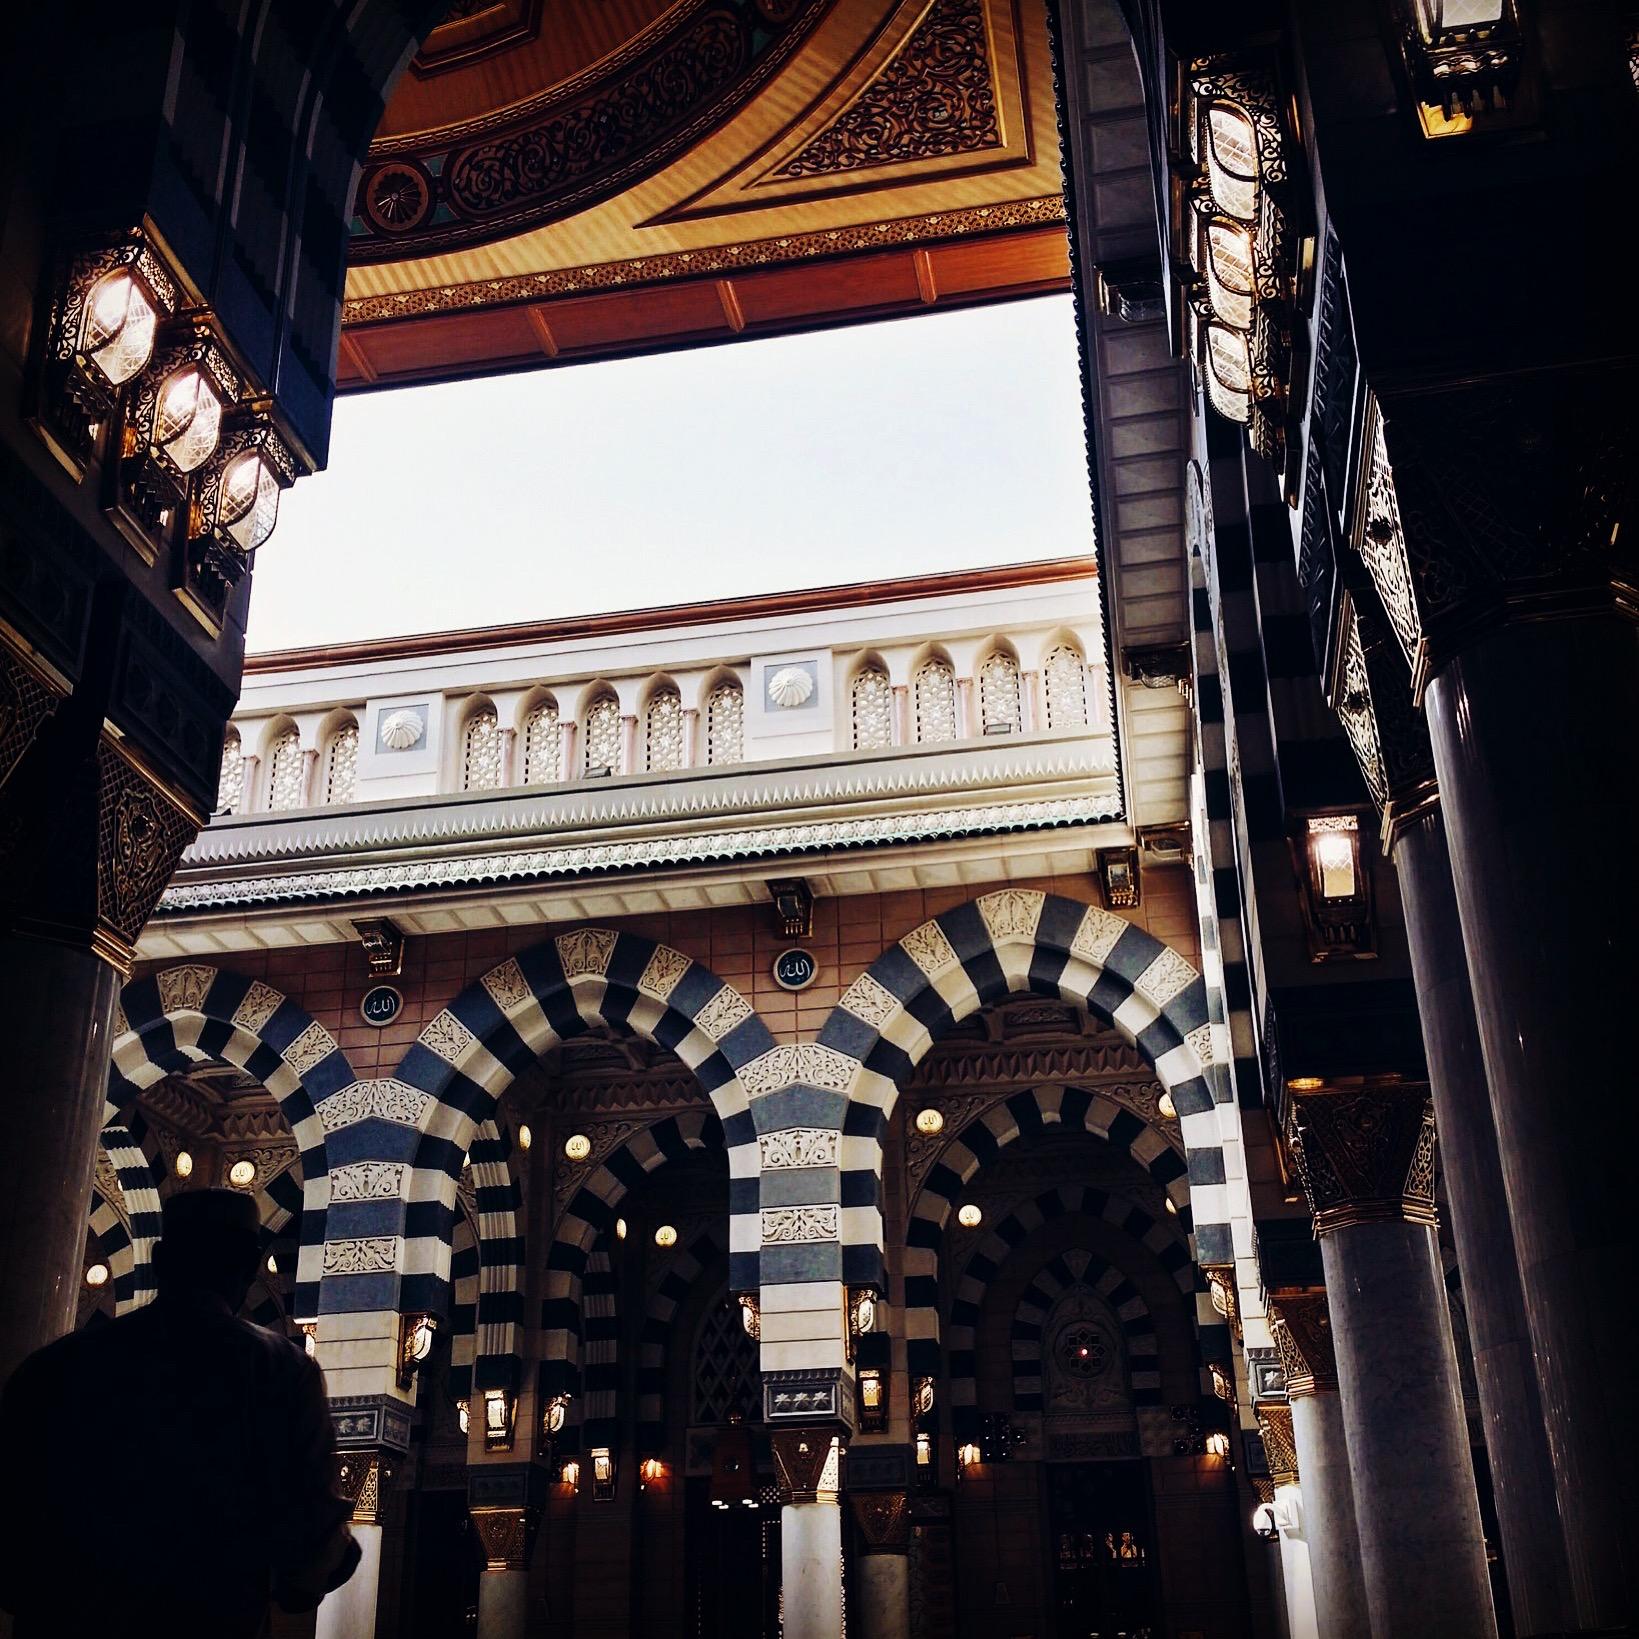 Fundamentos do Monoteísmo (6) – A Importância do Monoteísmo no Alcorão